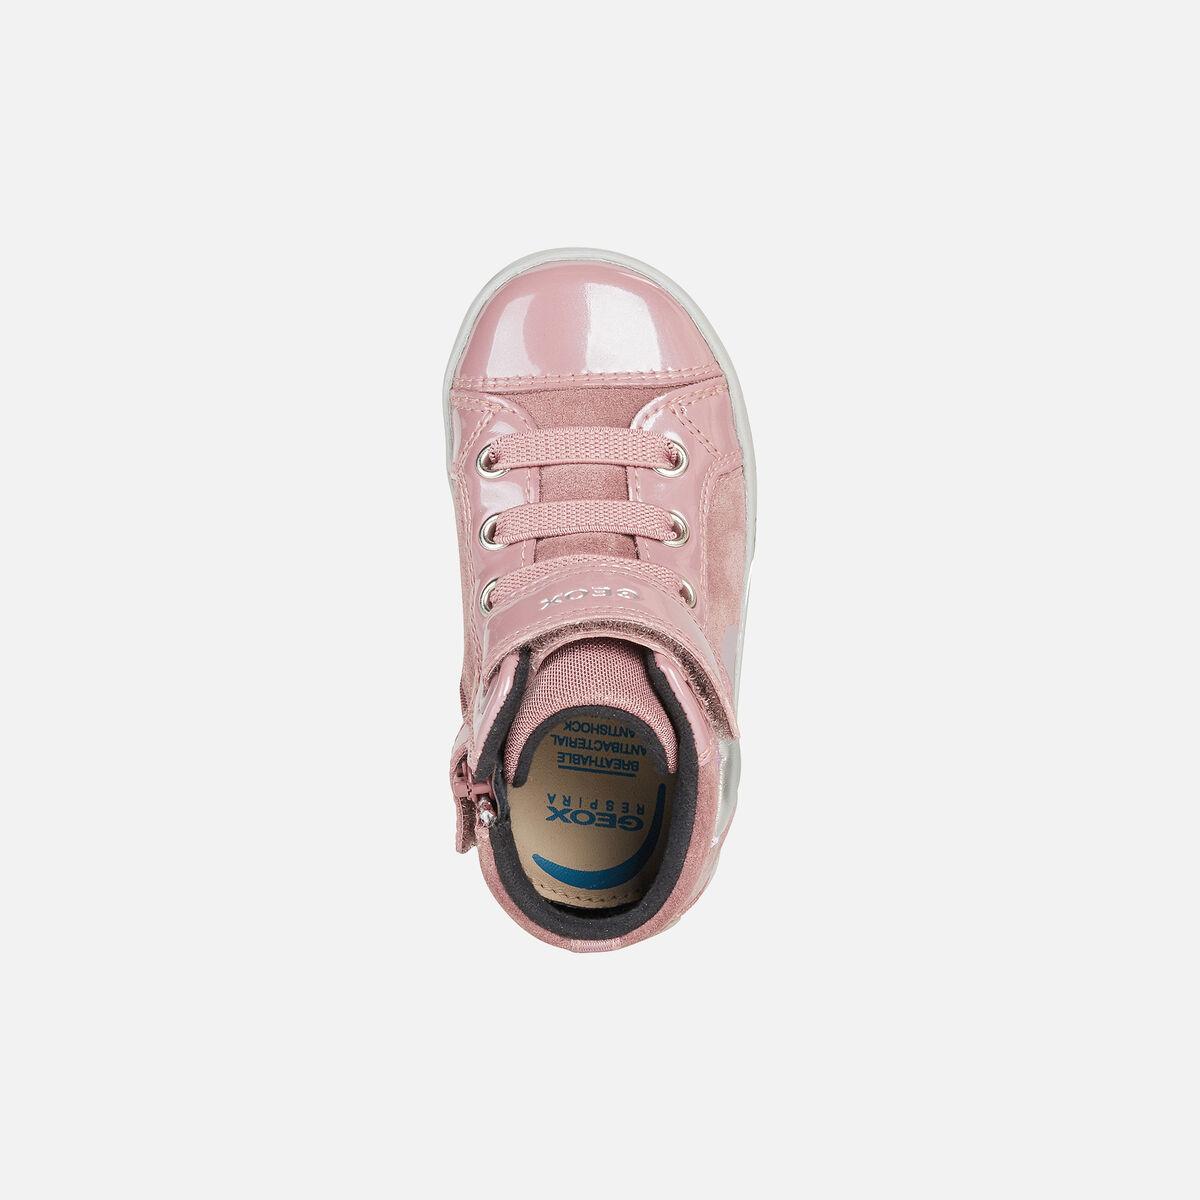 Κορίτσι μποτάκι ρόζ Geox Β16D5Β 022ΗΙ C8025